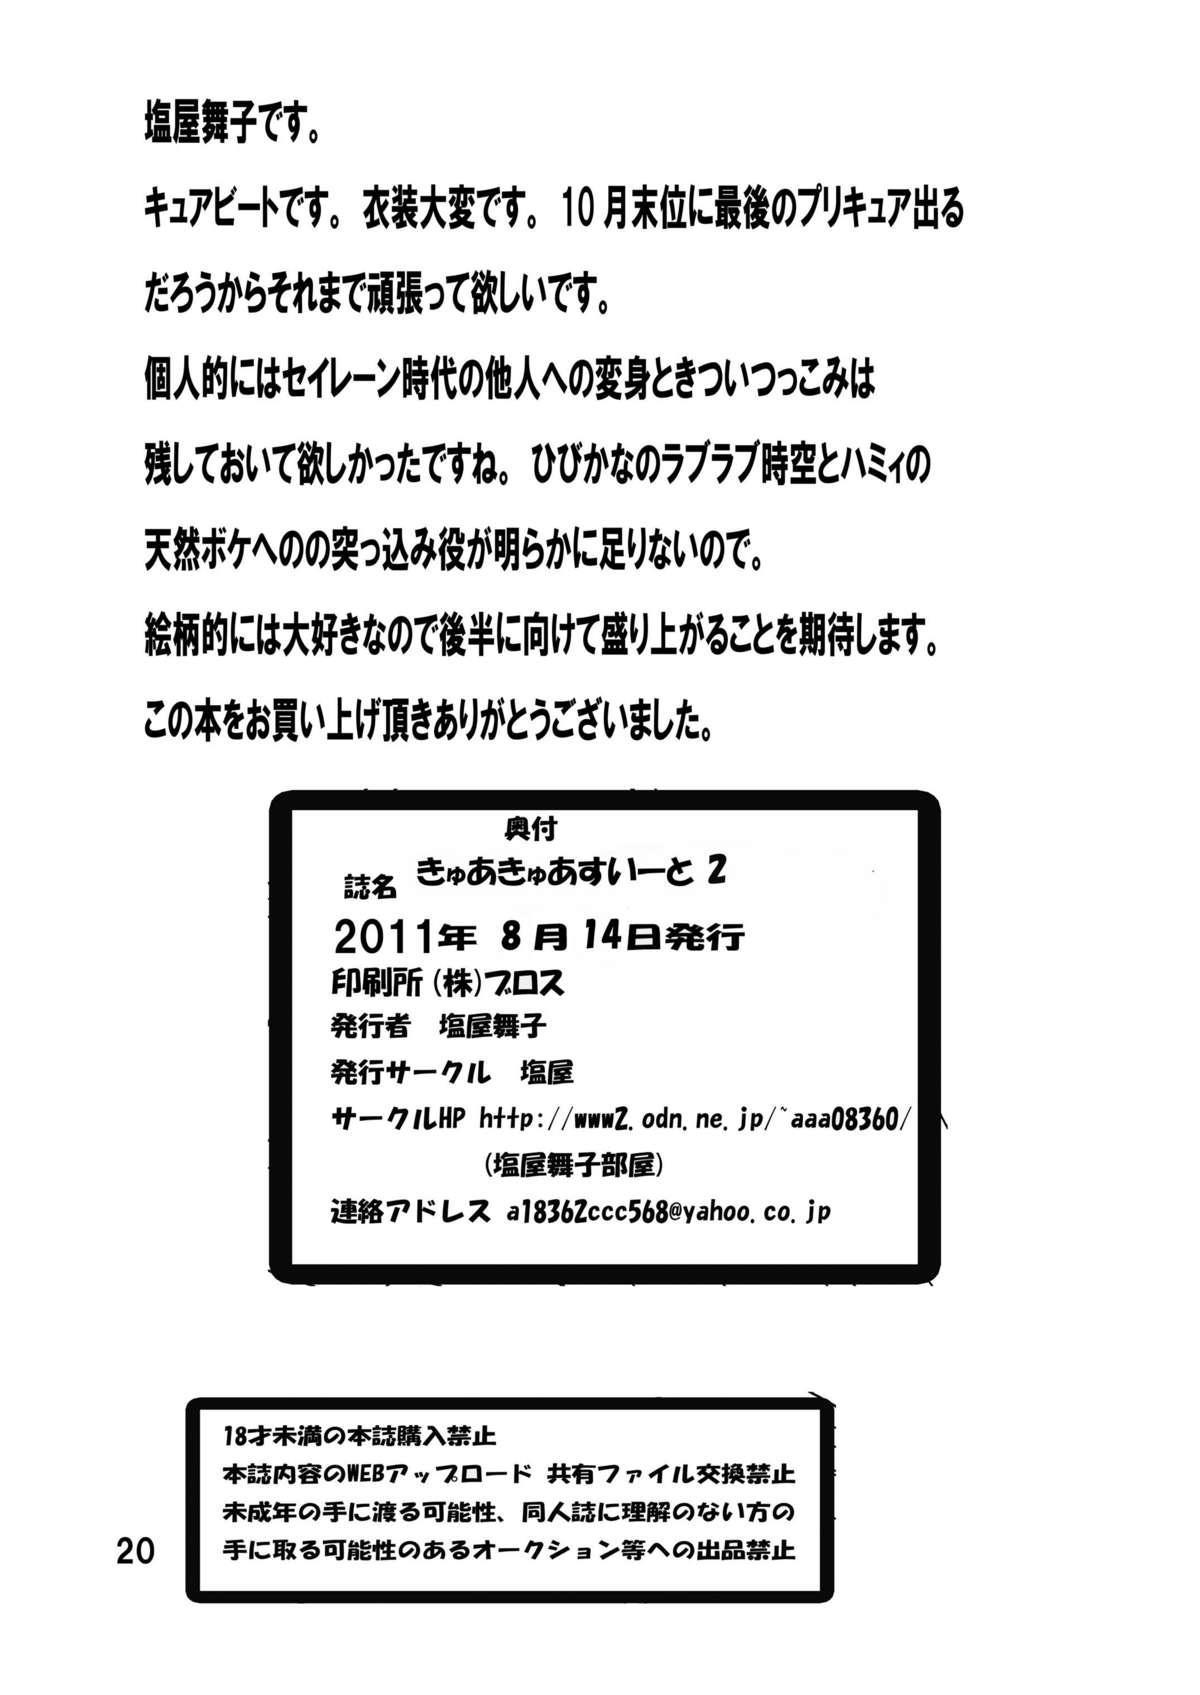 Cure Cure Suite 2 19